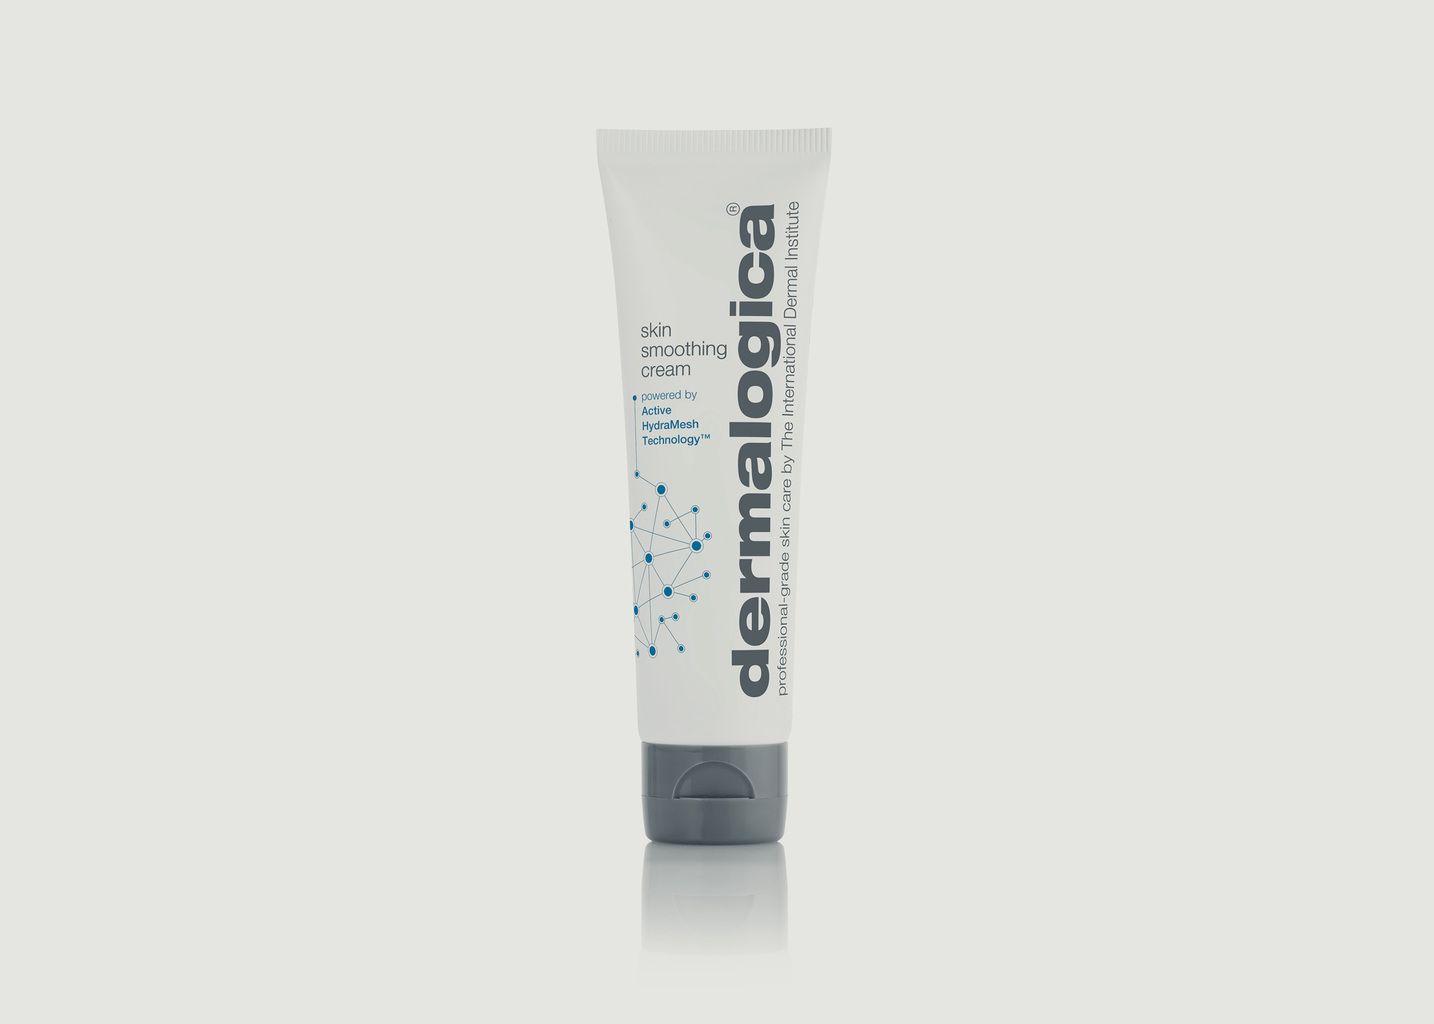 Skin smoothing cream 50ml  - Dermalogica